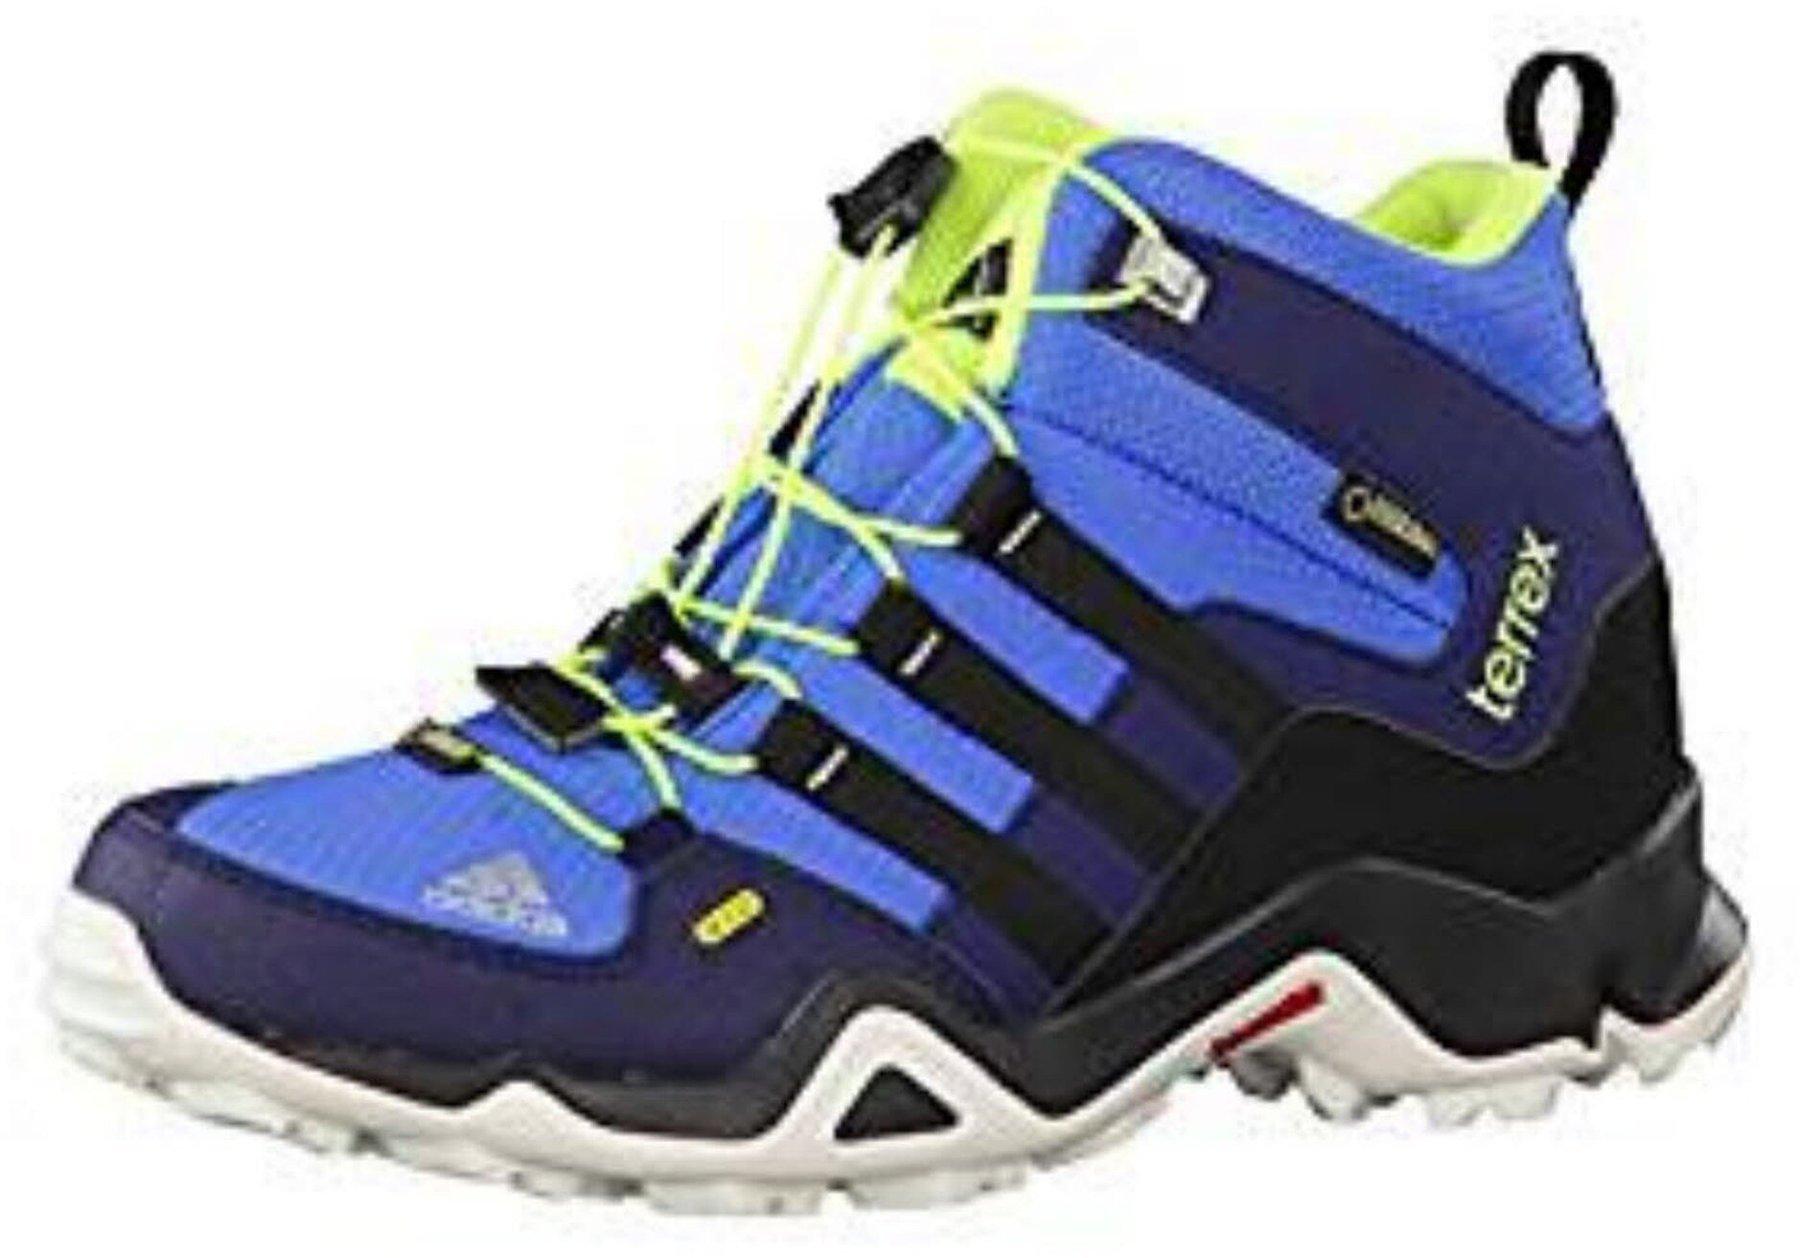 d2d8f83c1e855b Adidas Terrex Mid GTX K Wanderschuhe günstig online kaufen✓